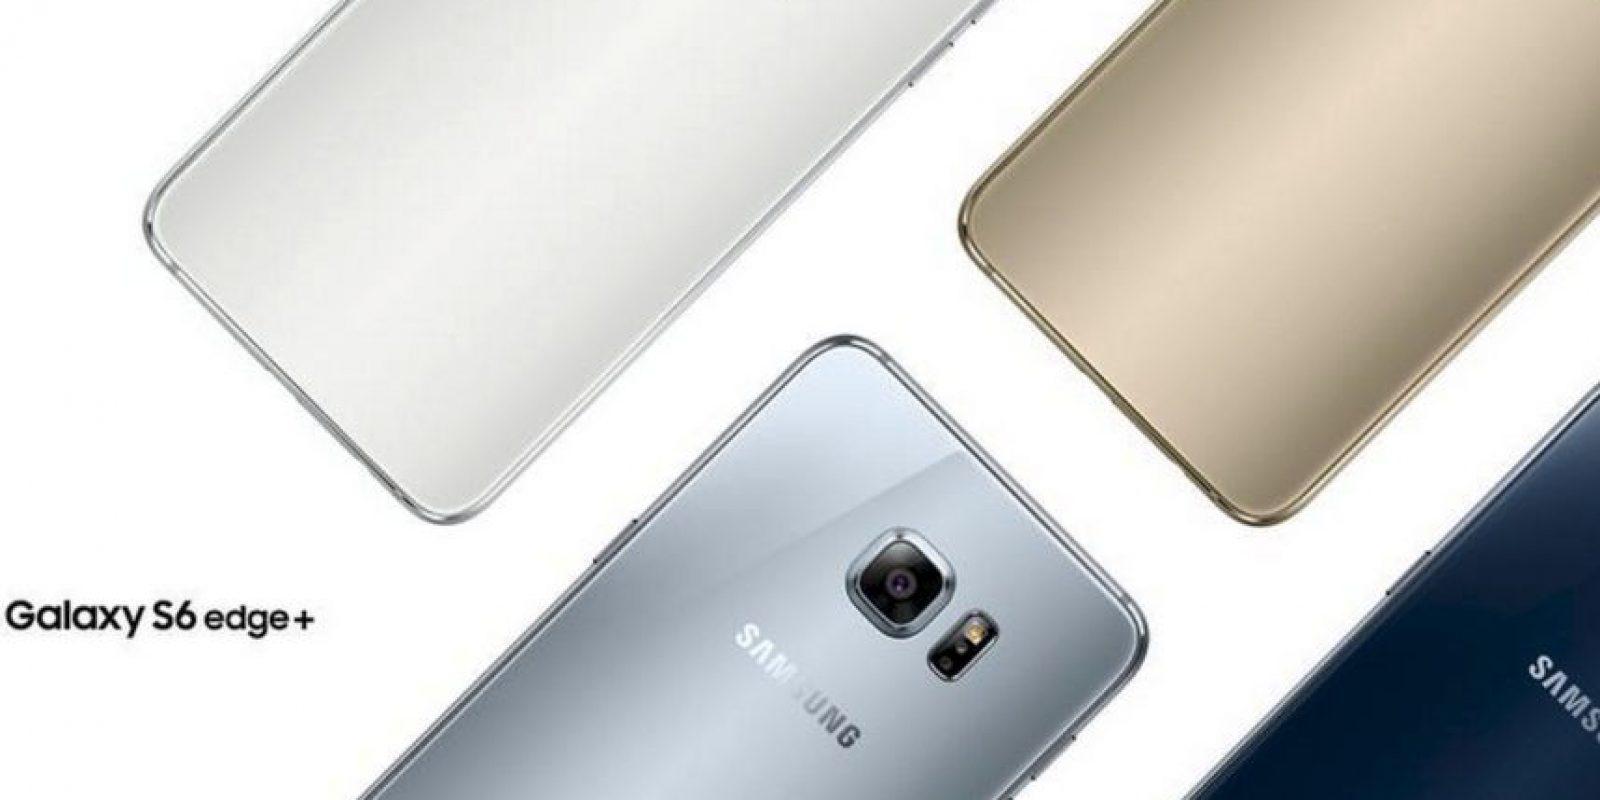 Mezcla de cristal y metal en su diseño. Disponible en colores blanco, gris, dorado y azul Foto:Samsung